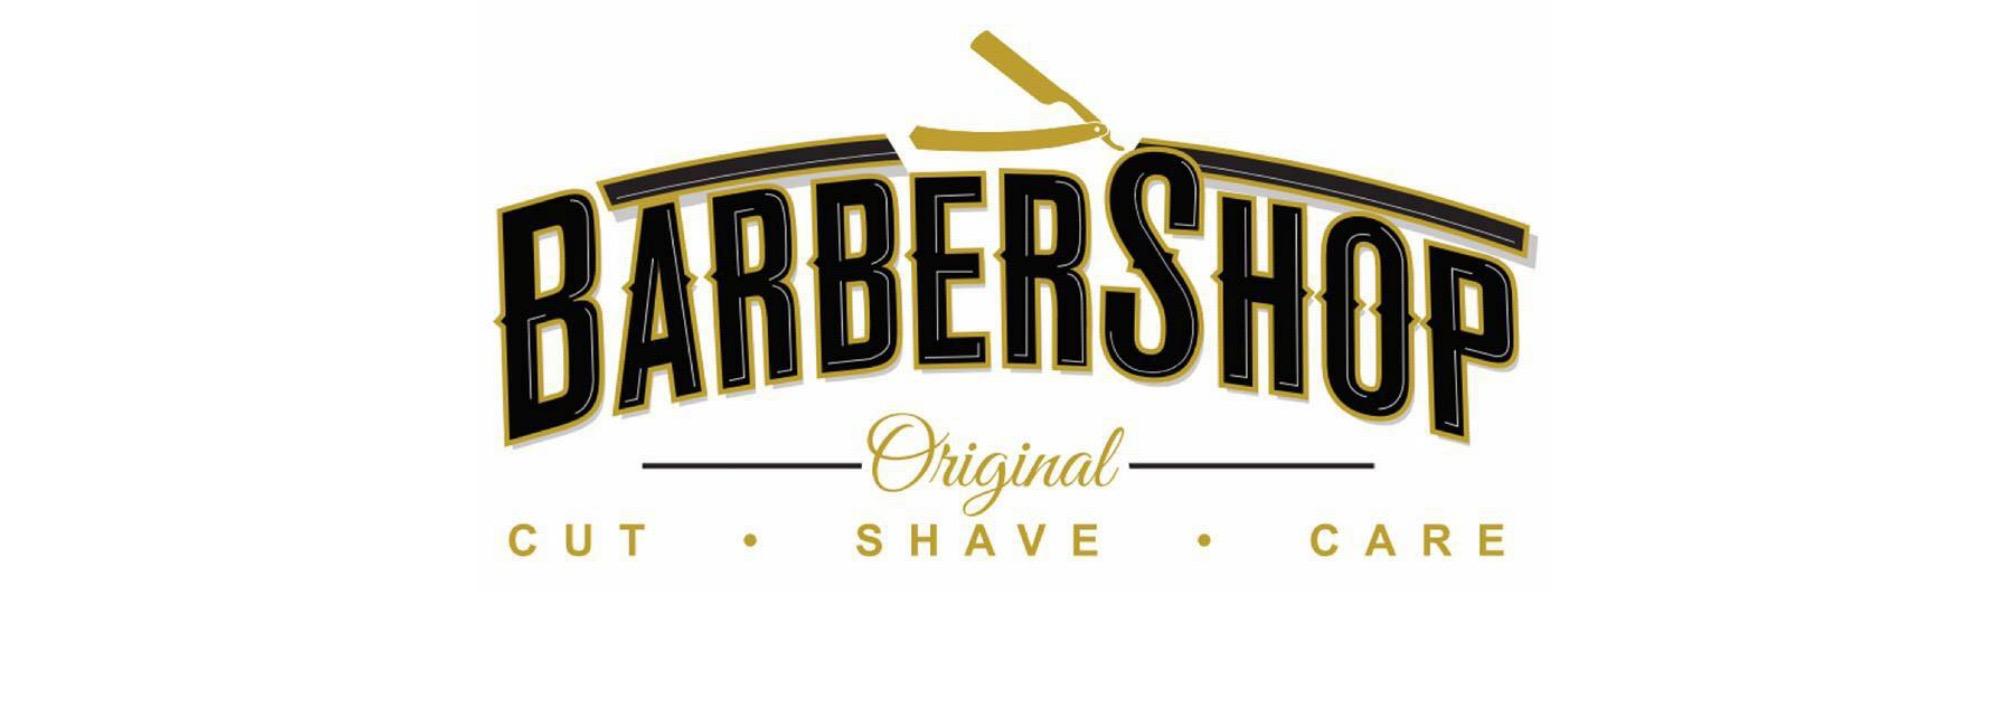 Original Barbershop